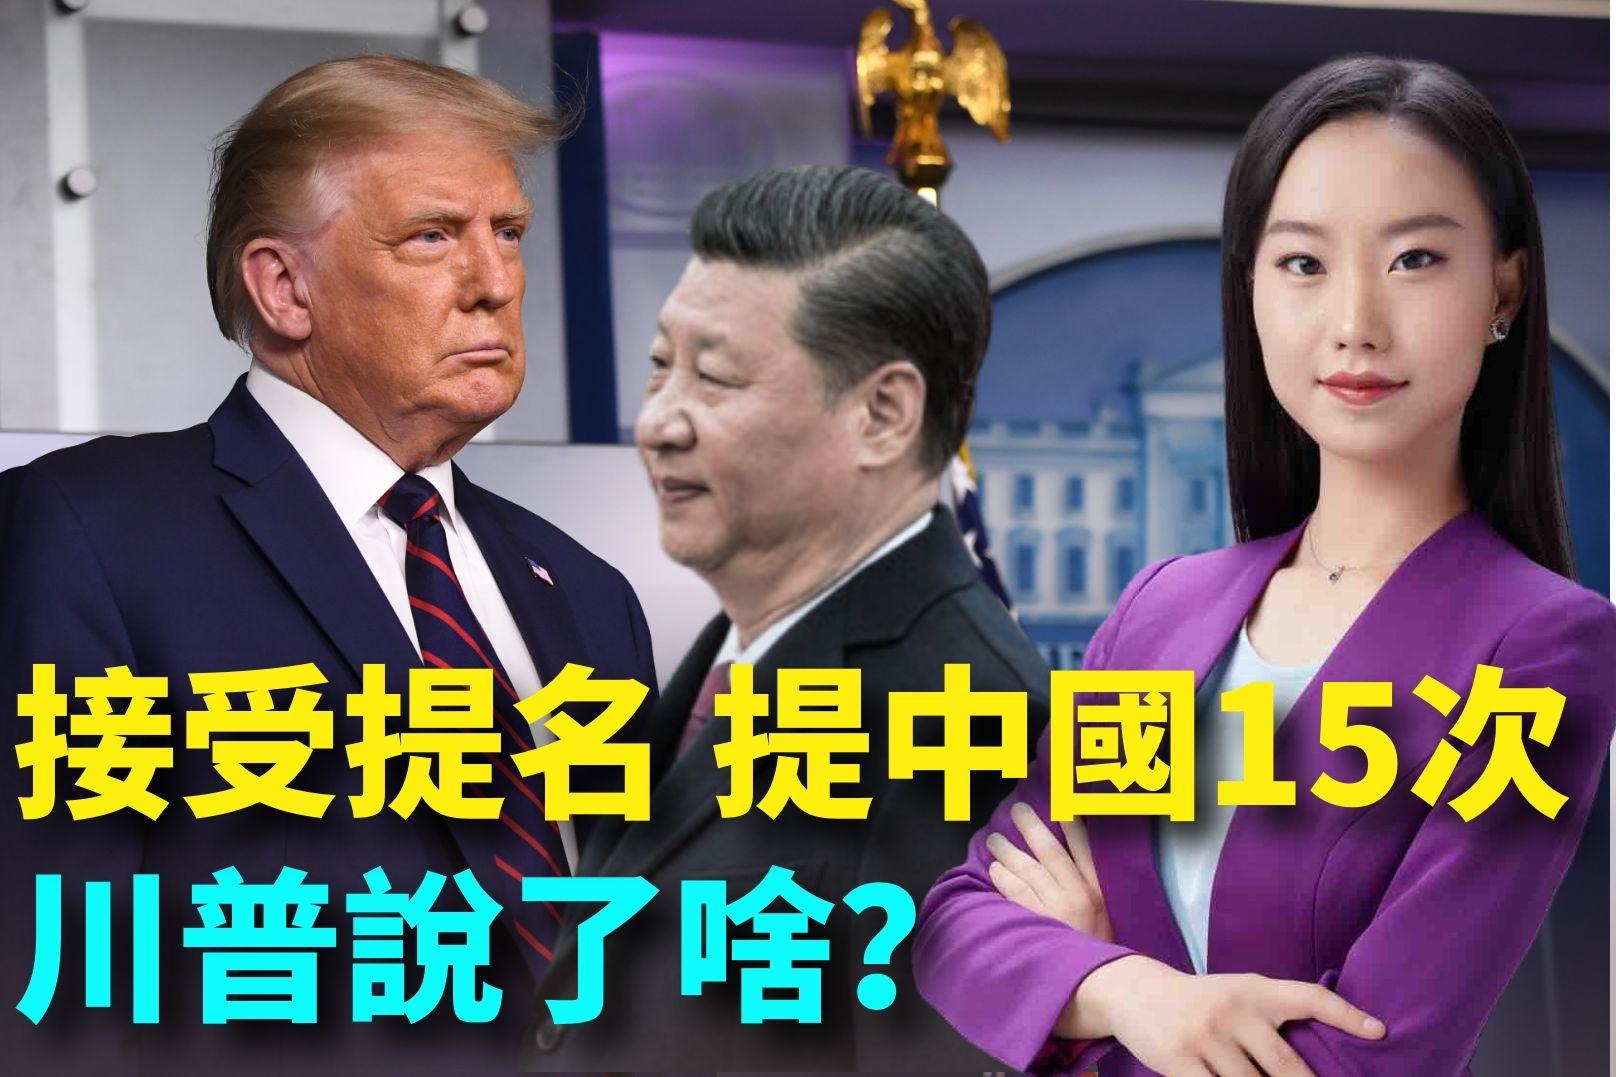 【大選觀察】15次講中國 特朗普提名演講解讀